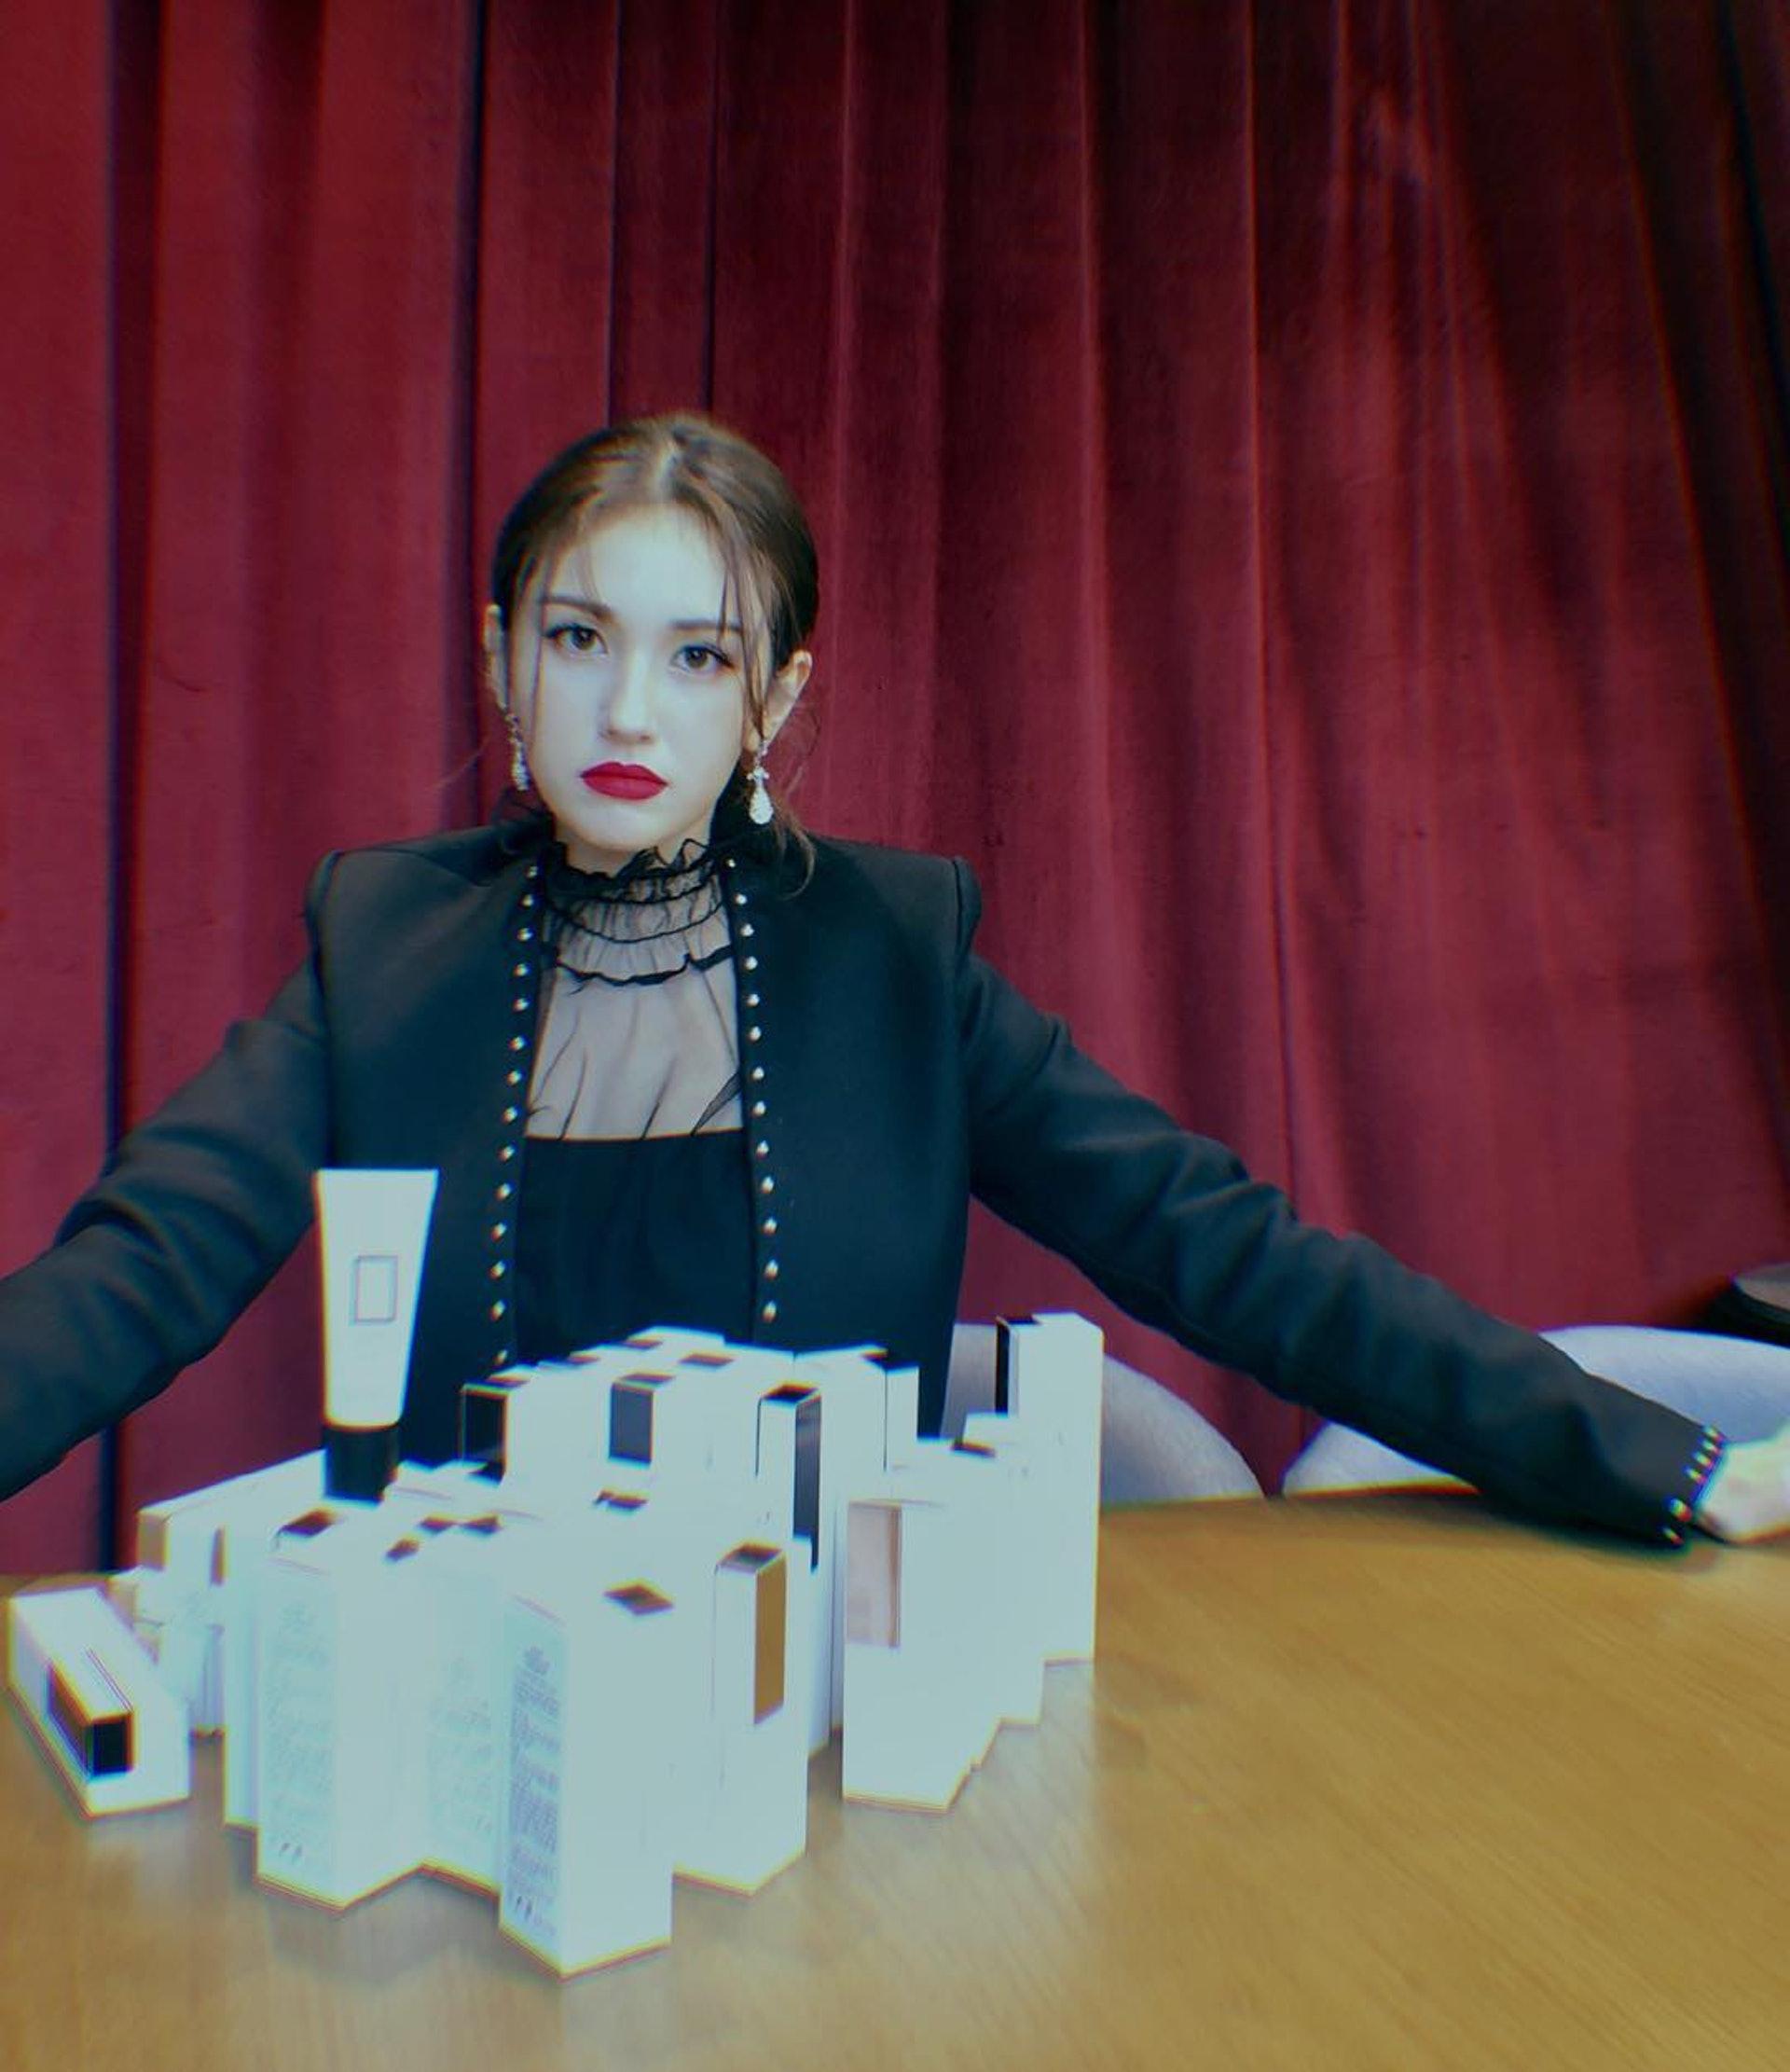 今年只有18歲的Somi,相信前途無可限量。(網上圖片)